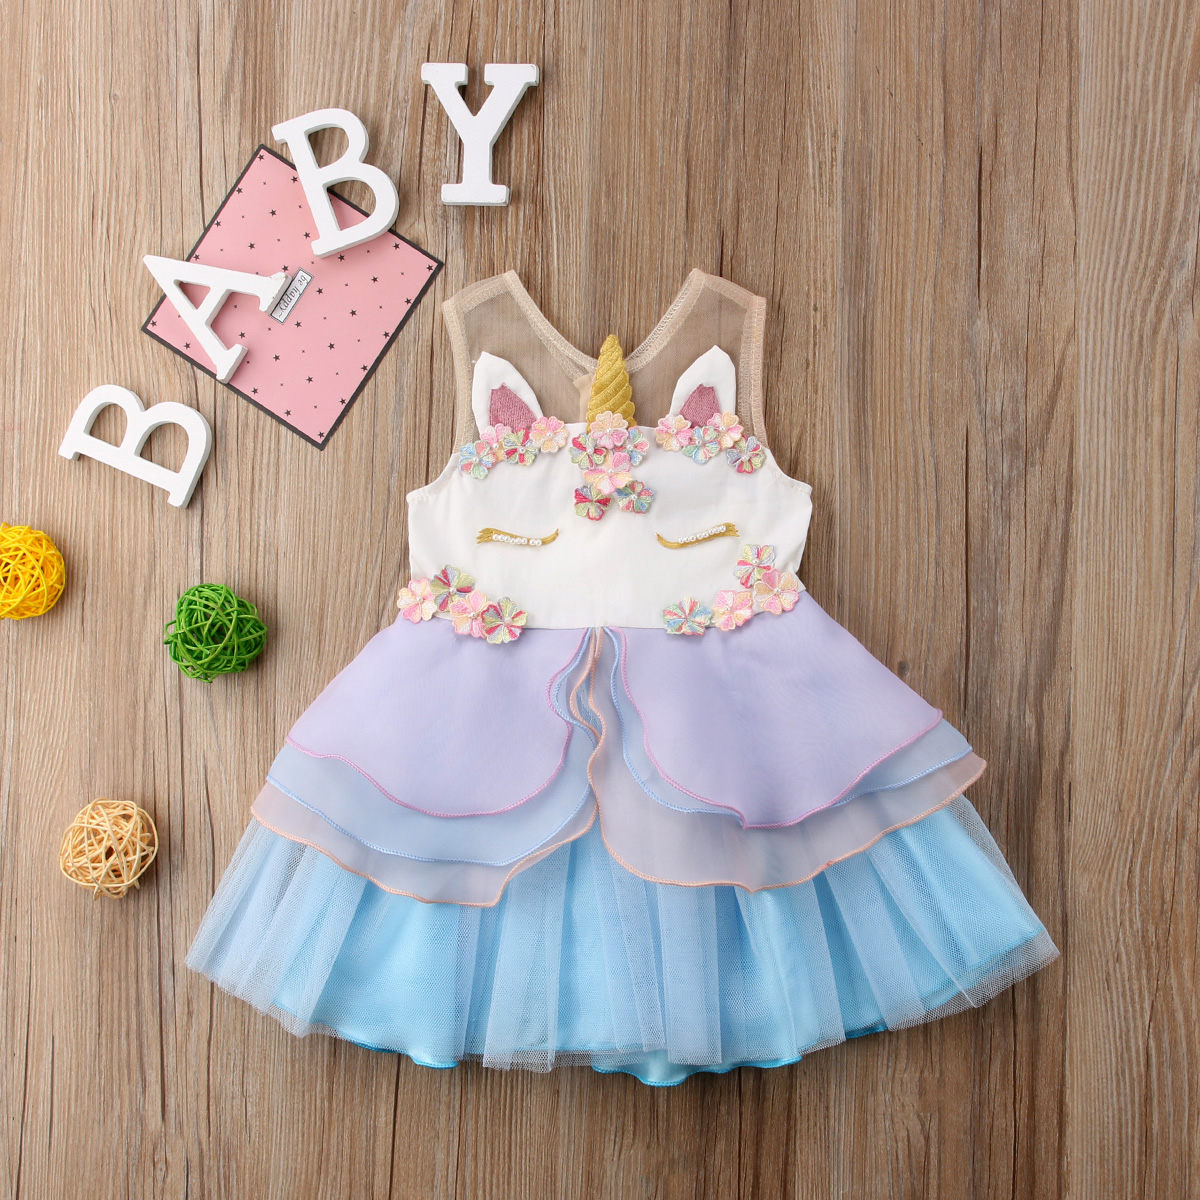 Princess Newborn Kids Baby Girls Sleeveless Chiffon Unicorn Embroidery Party Pageant Dress 3D Sundress Ruffle Summer Clothes eyelet embroidery ruffle hem dress